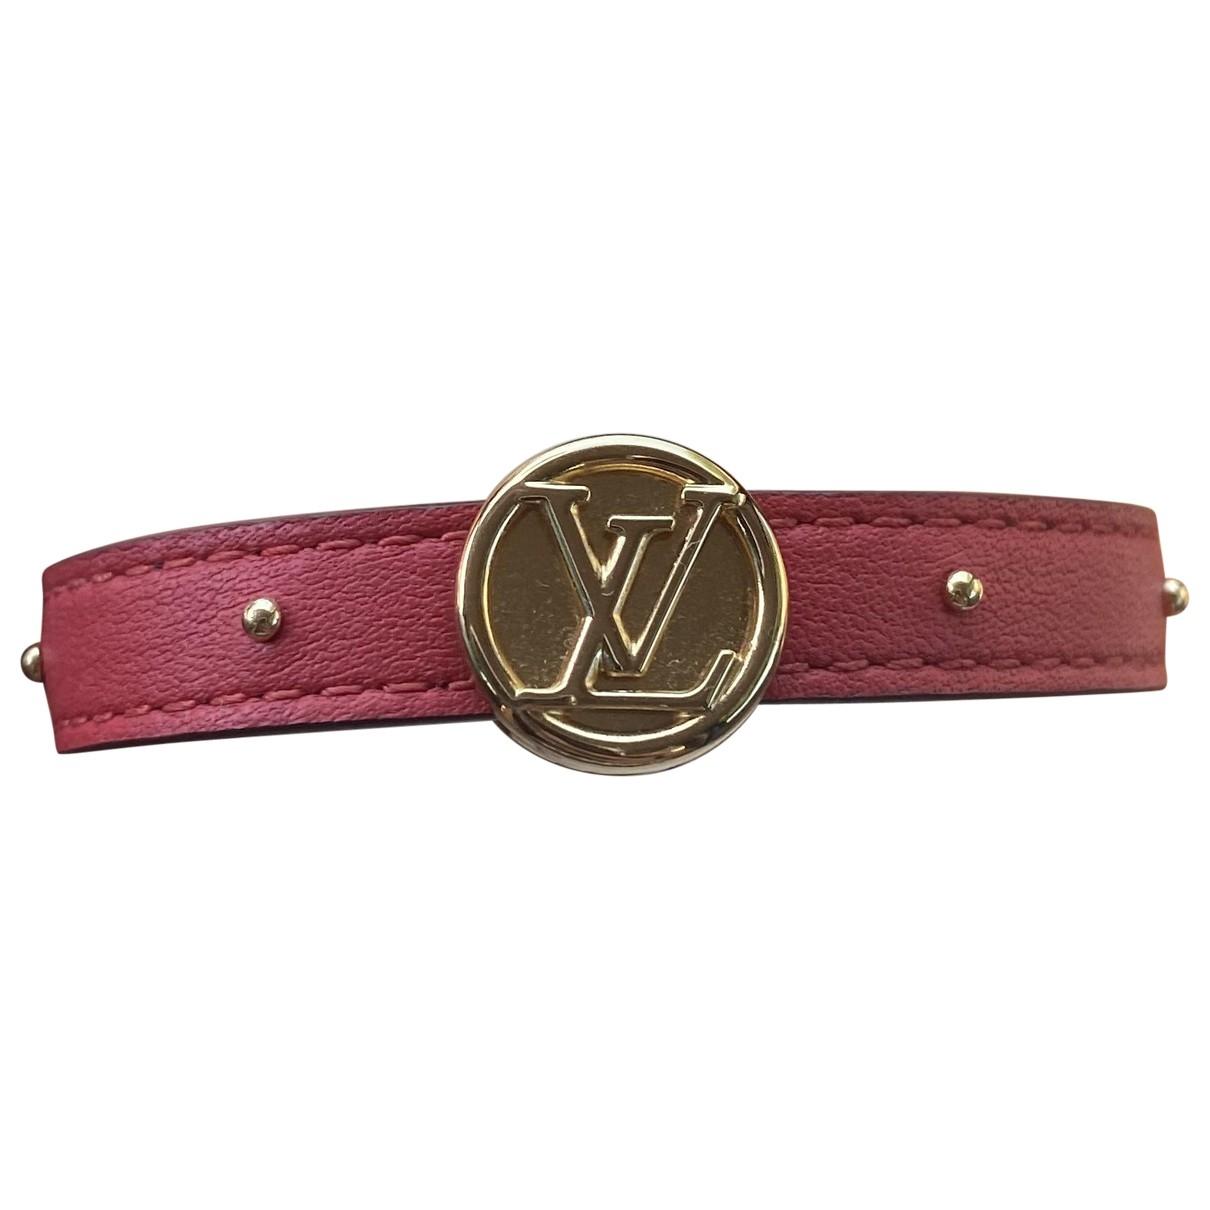 Louis Vuitton - Bracelet   pour femme en cuir - marron